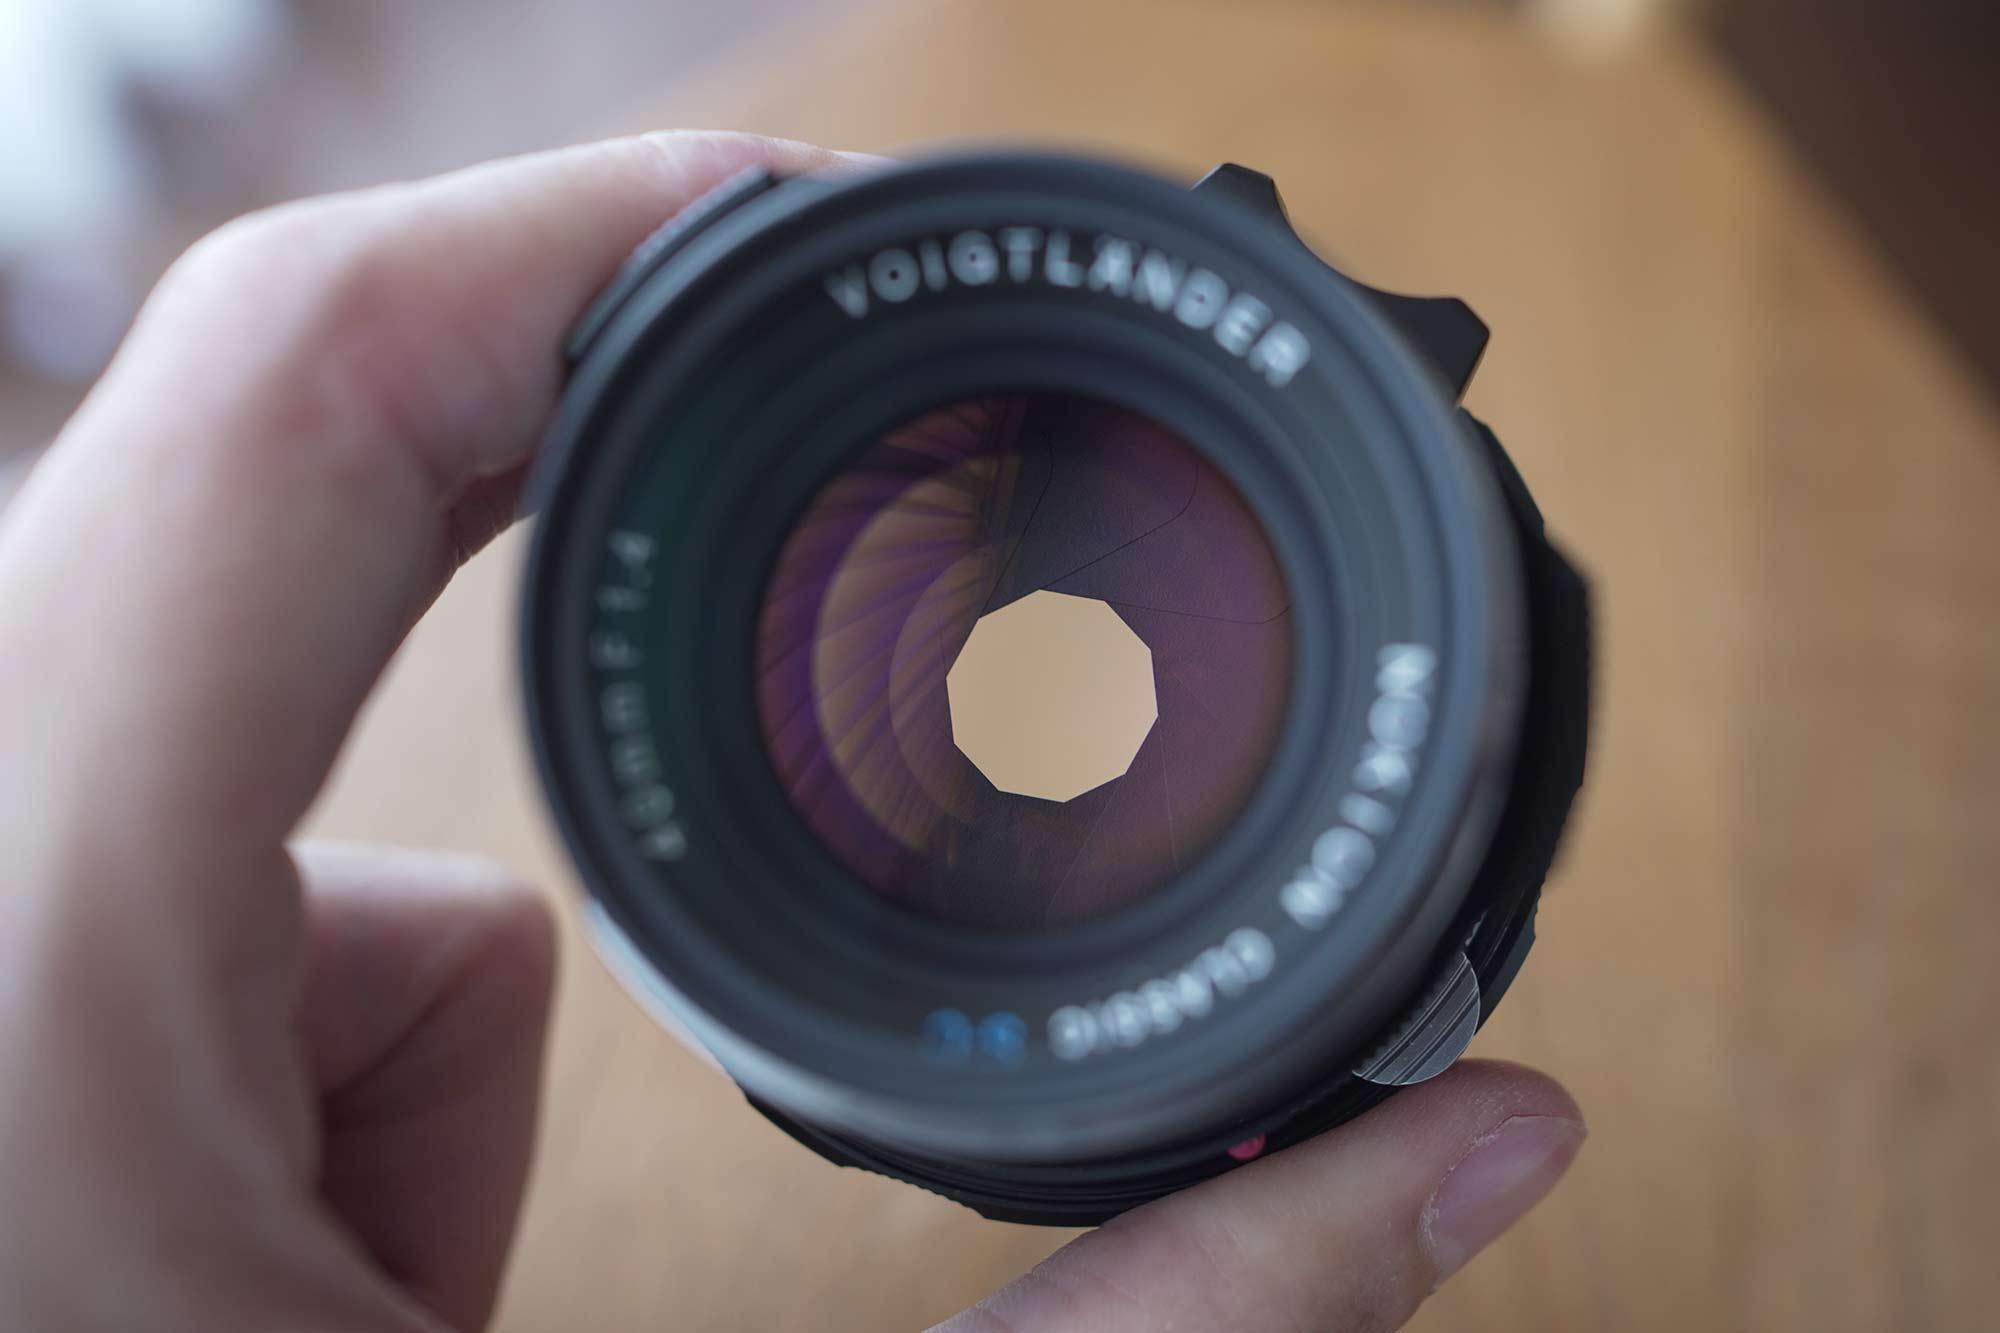 フォクトレンダー,カメラ,レンズ,クラシック,オールドレンズ,40mm,f1.4,絞り